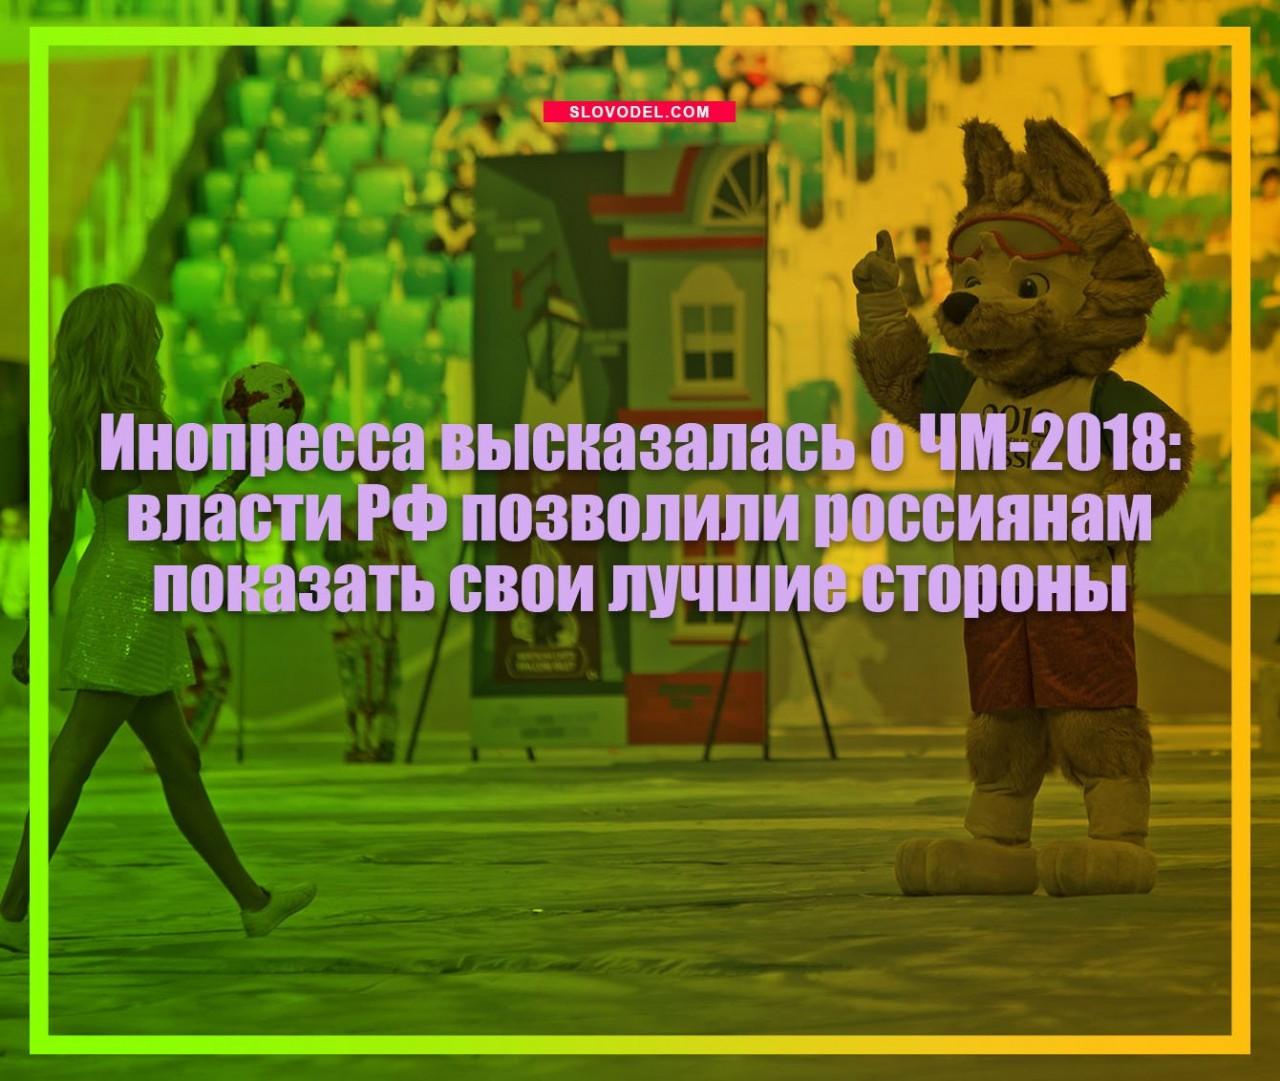 Инопресса высказалась о ЧМ-2018: власти РФ позволили россиянам показать свои лучшие стороны